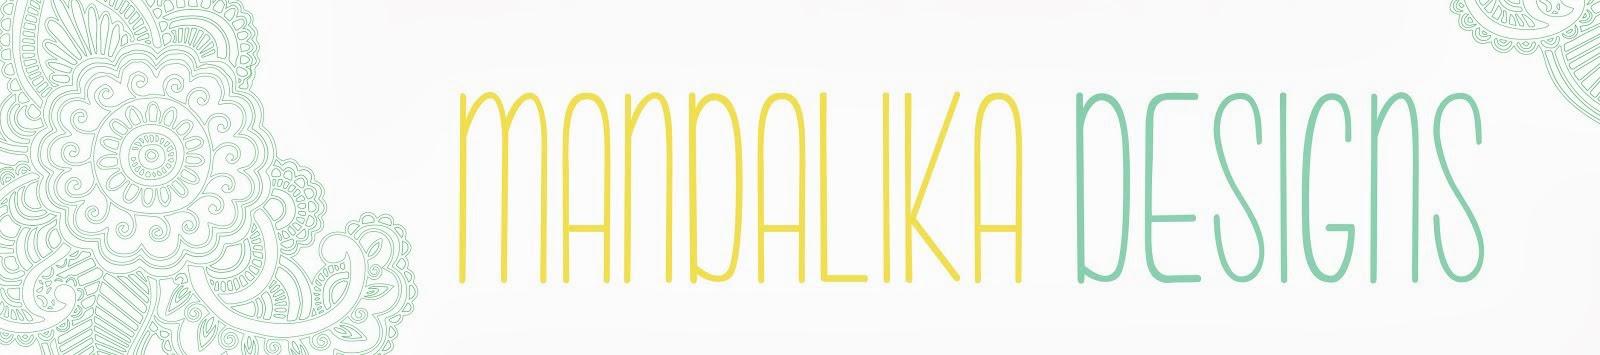 mandalika designs